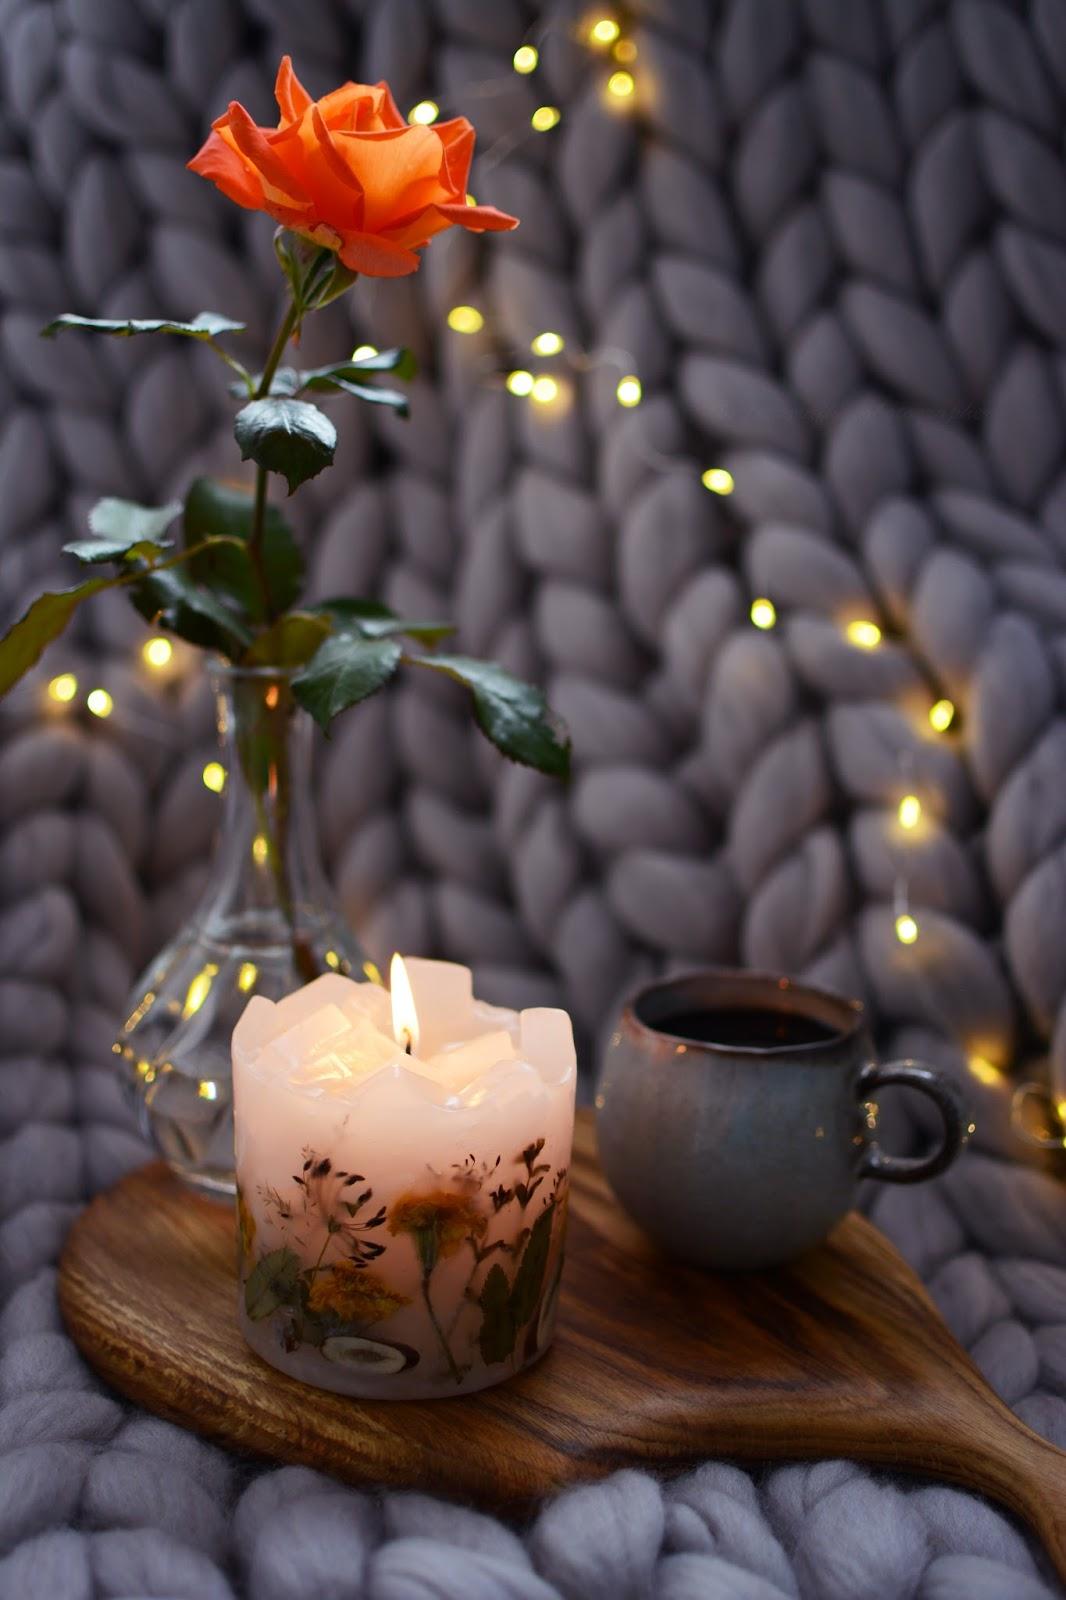 WYJĄTKOWE ŚWIECE I LAMPIONY - KAROLITE CANDLES